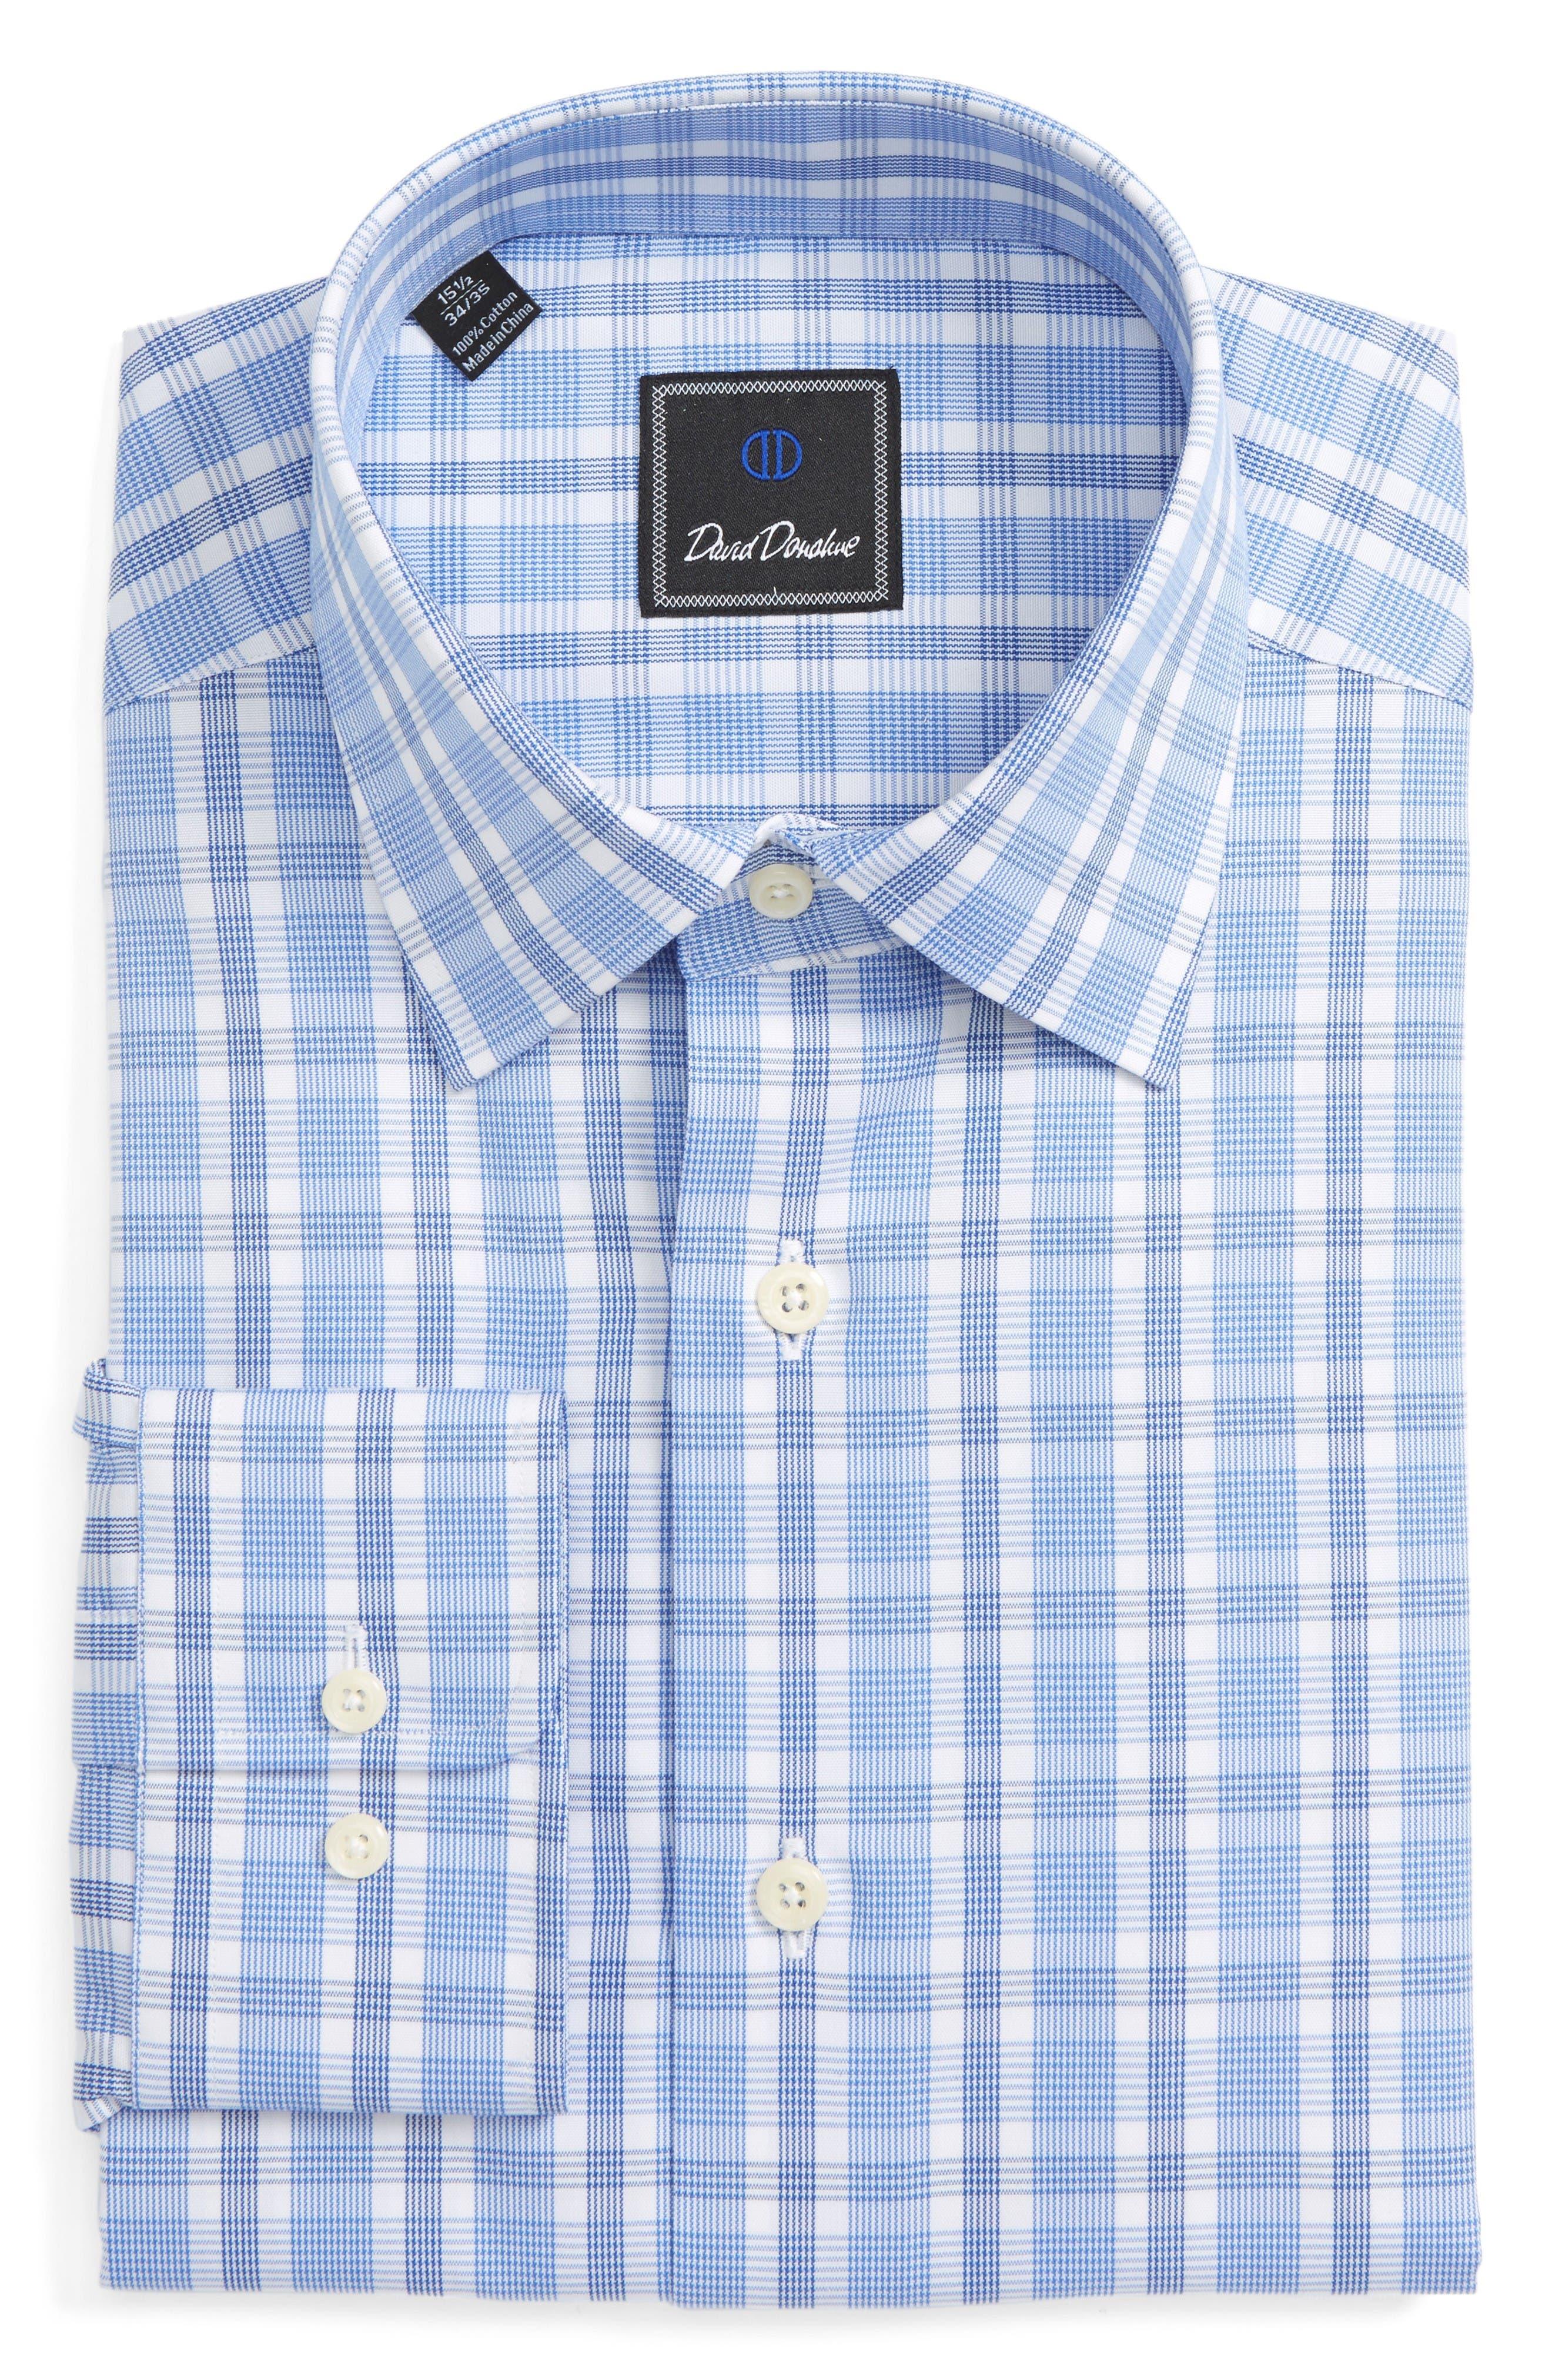 Regular Fit Check Dress Shirt,                             Main thumbnail 1, color,                             Blue/ Navy